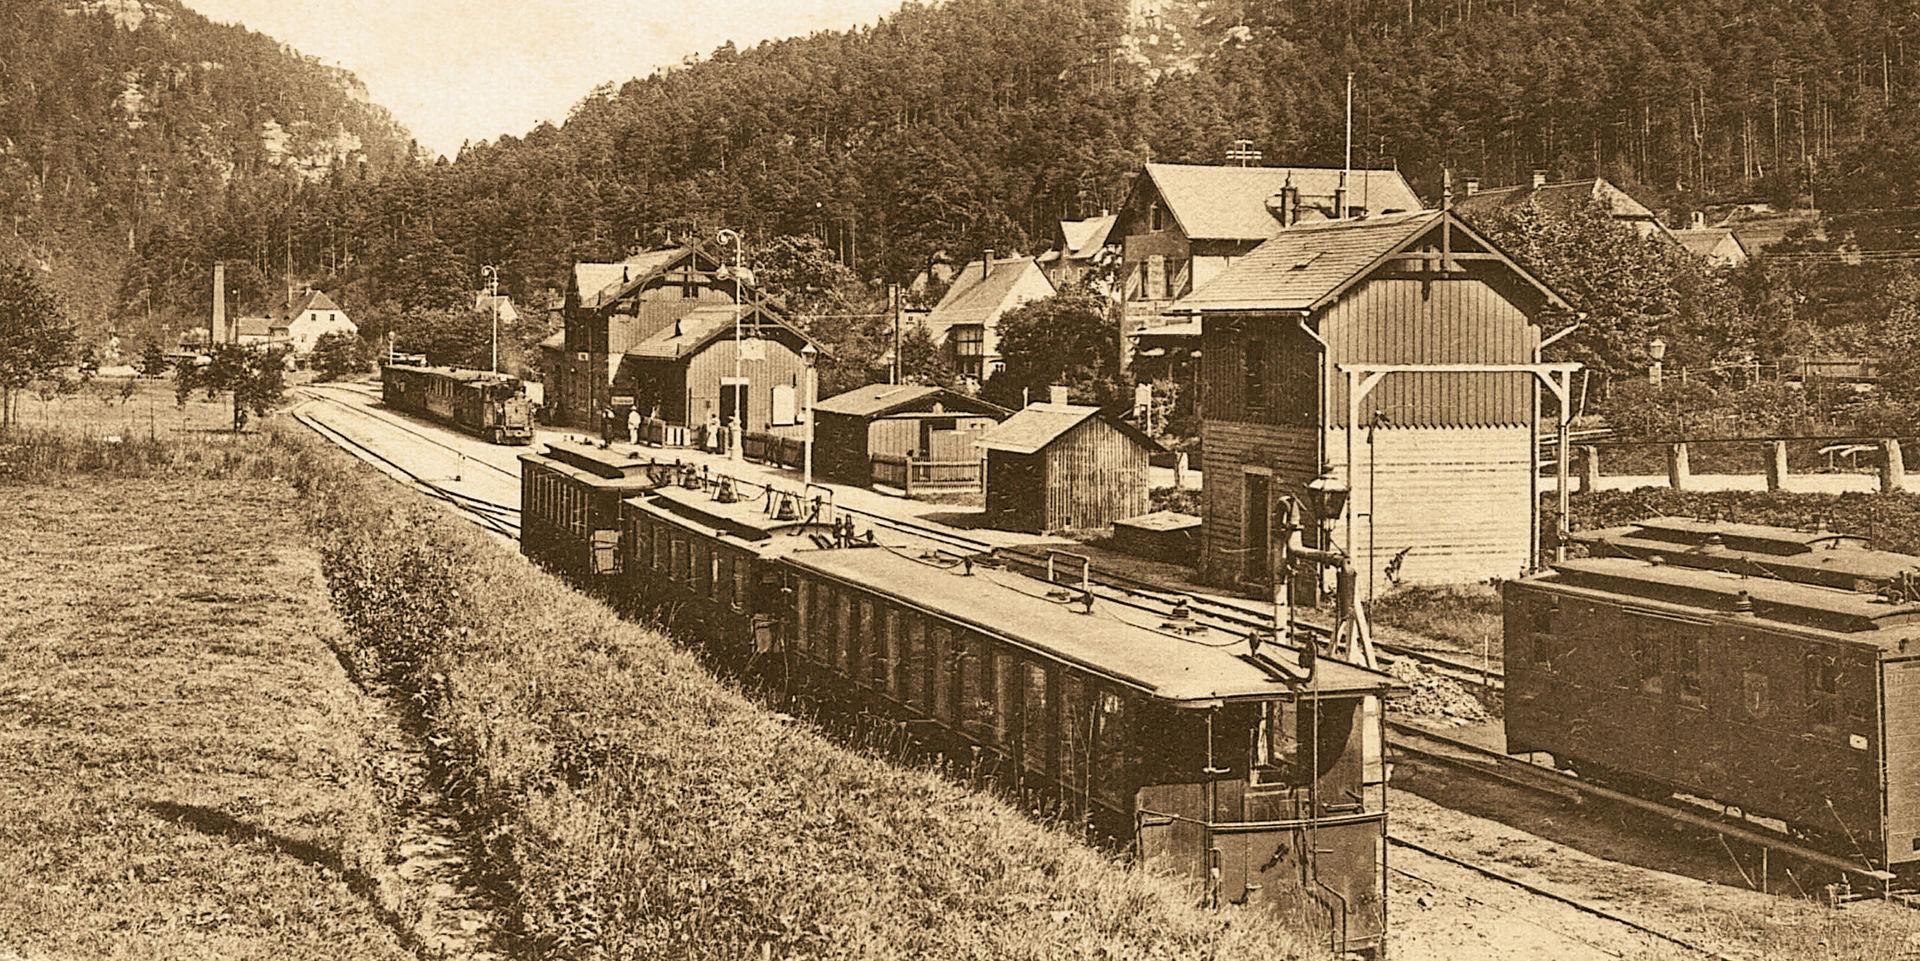 Bahnhof Oybin  © Sammlung K.Sächs.Sts.E.B. A. Linz